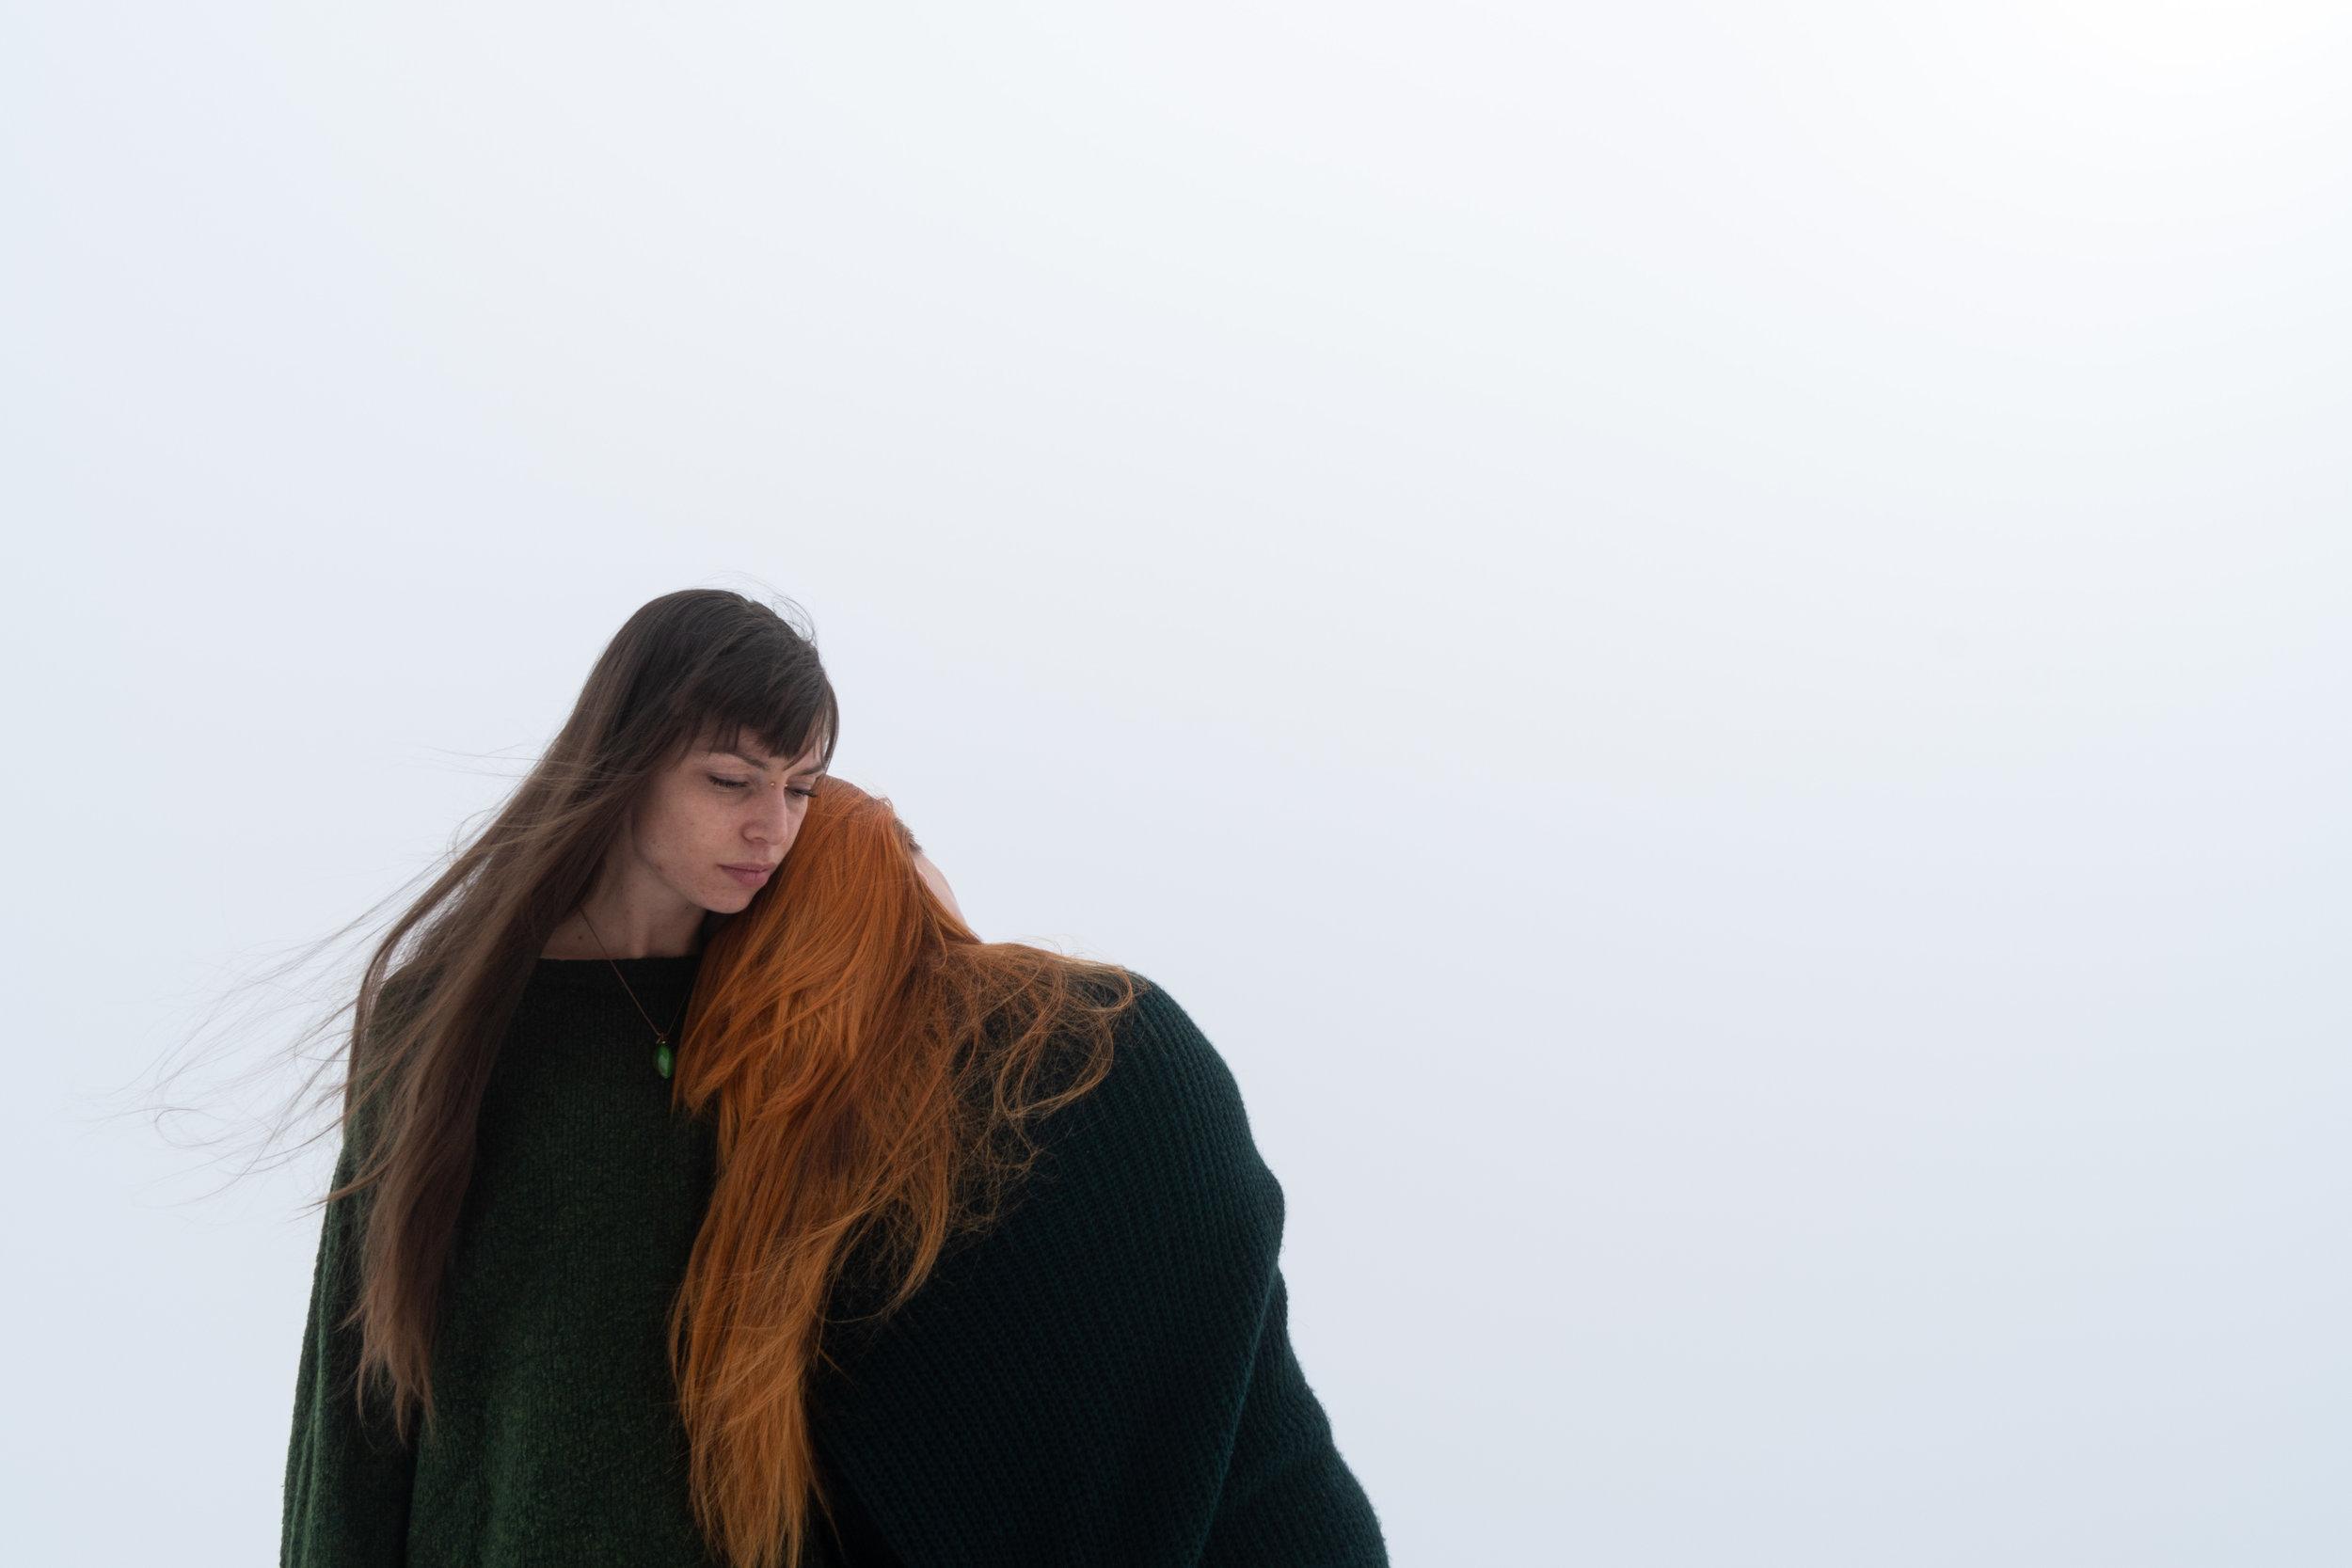 Fuzione - Oropa - Photo series - Collaboration